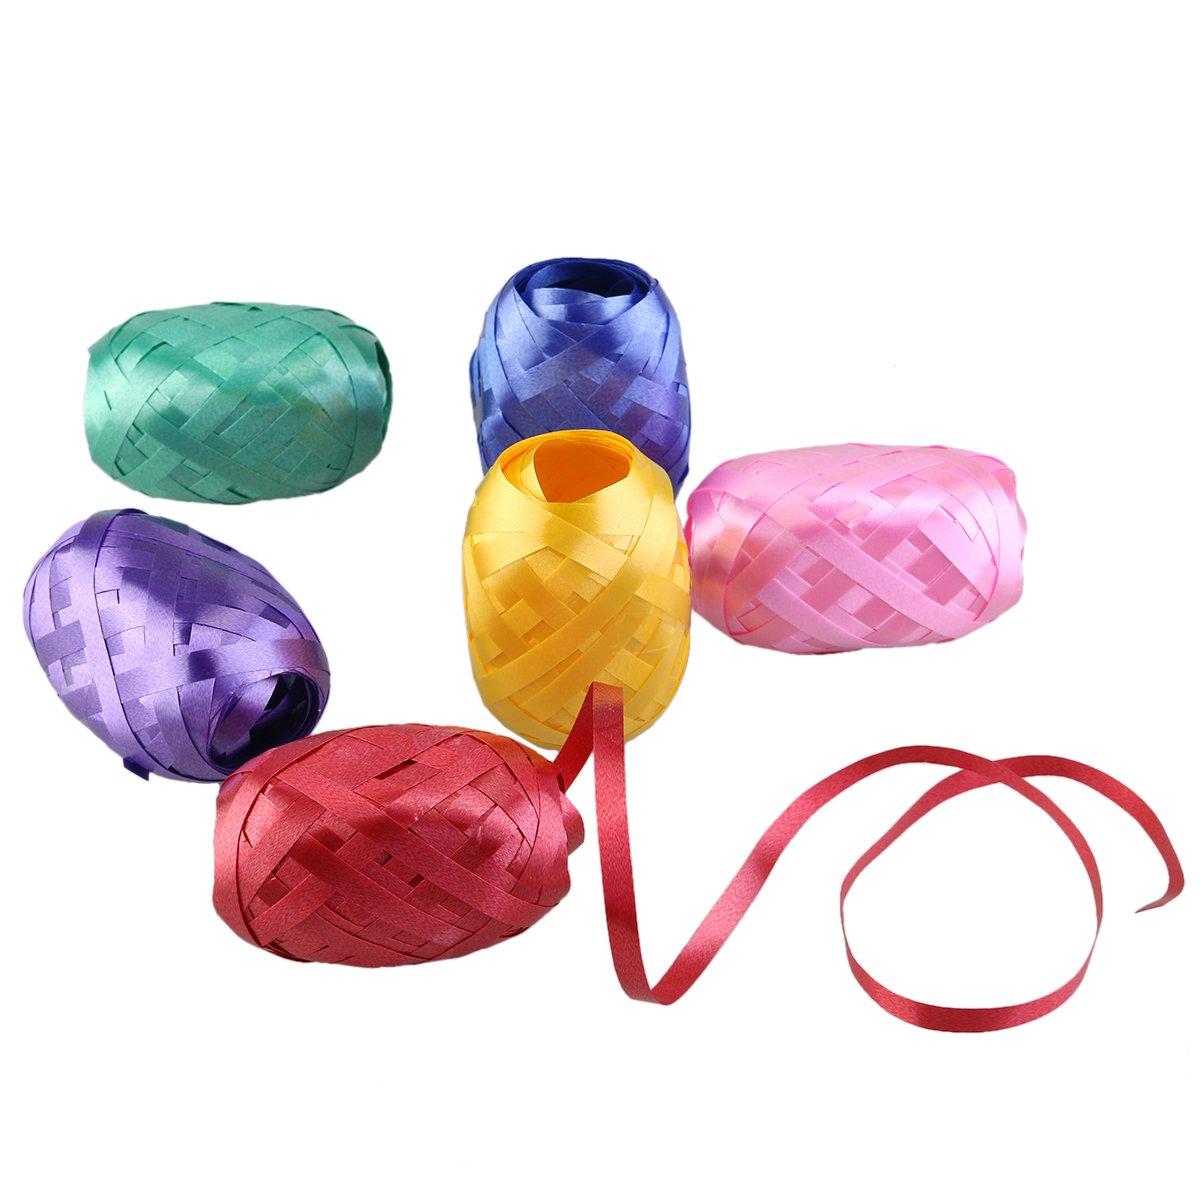 ULTNICE 6pcs pacchetto nastro per regali palloncino nastro Fastener Gift Wrap nastro stringa (colore misto)